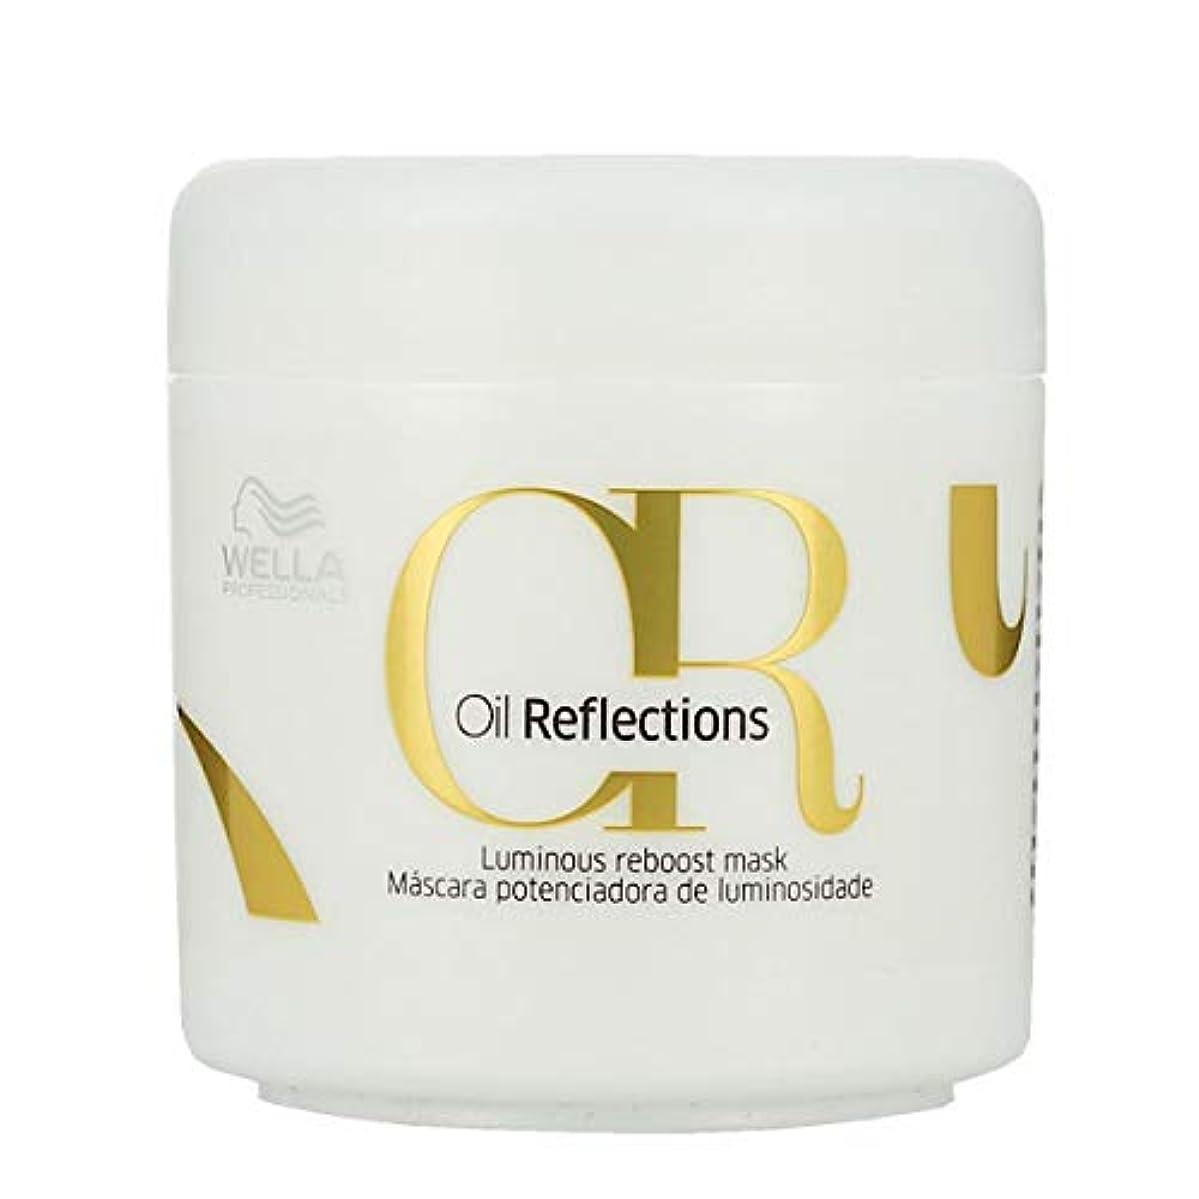 取り囲むバッジ注ぎますWella Professionals Oil Reflections Luminous Reboost Mask ウエラ オイルリフレクション マスク 150 ml [並行輸入品]